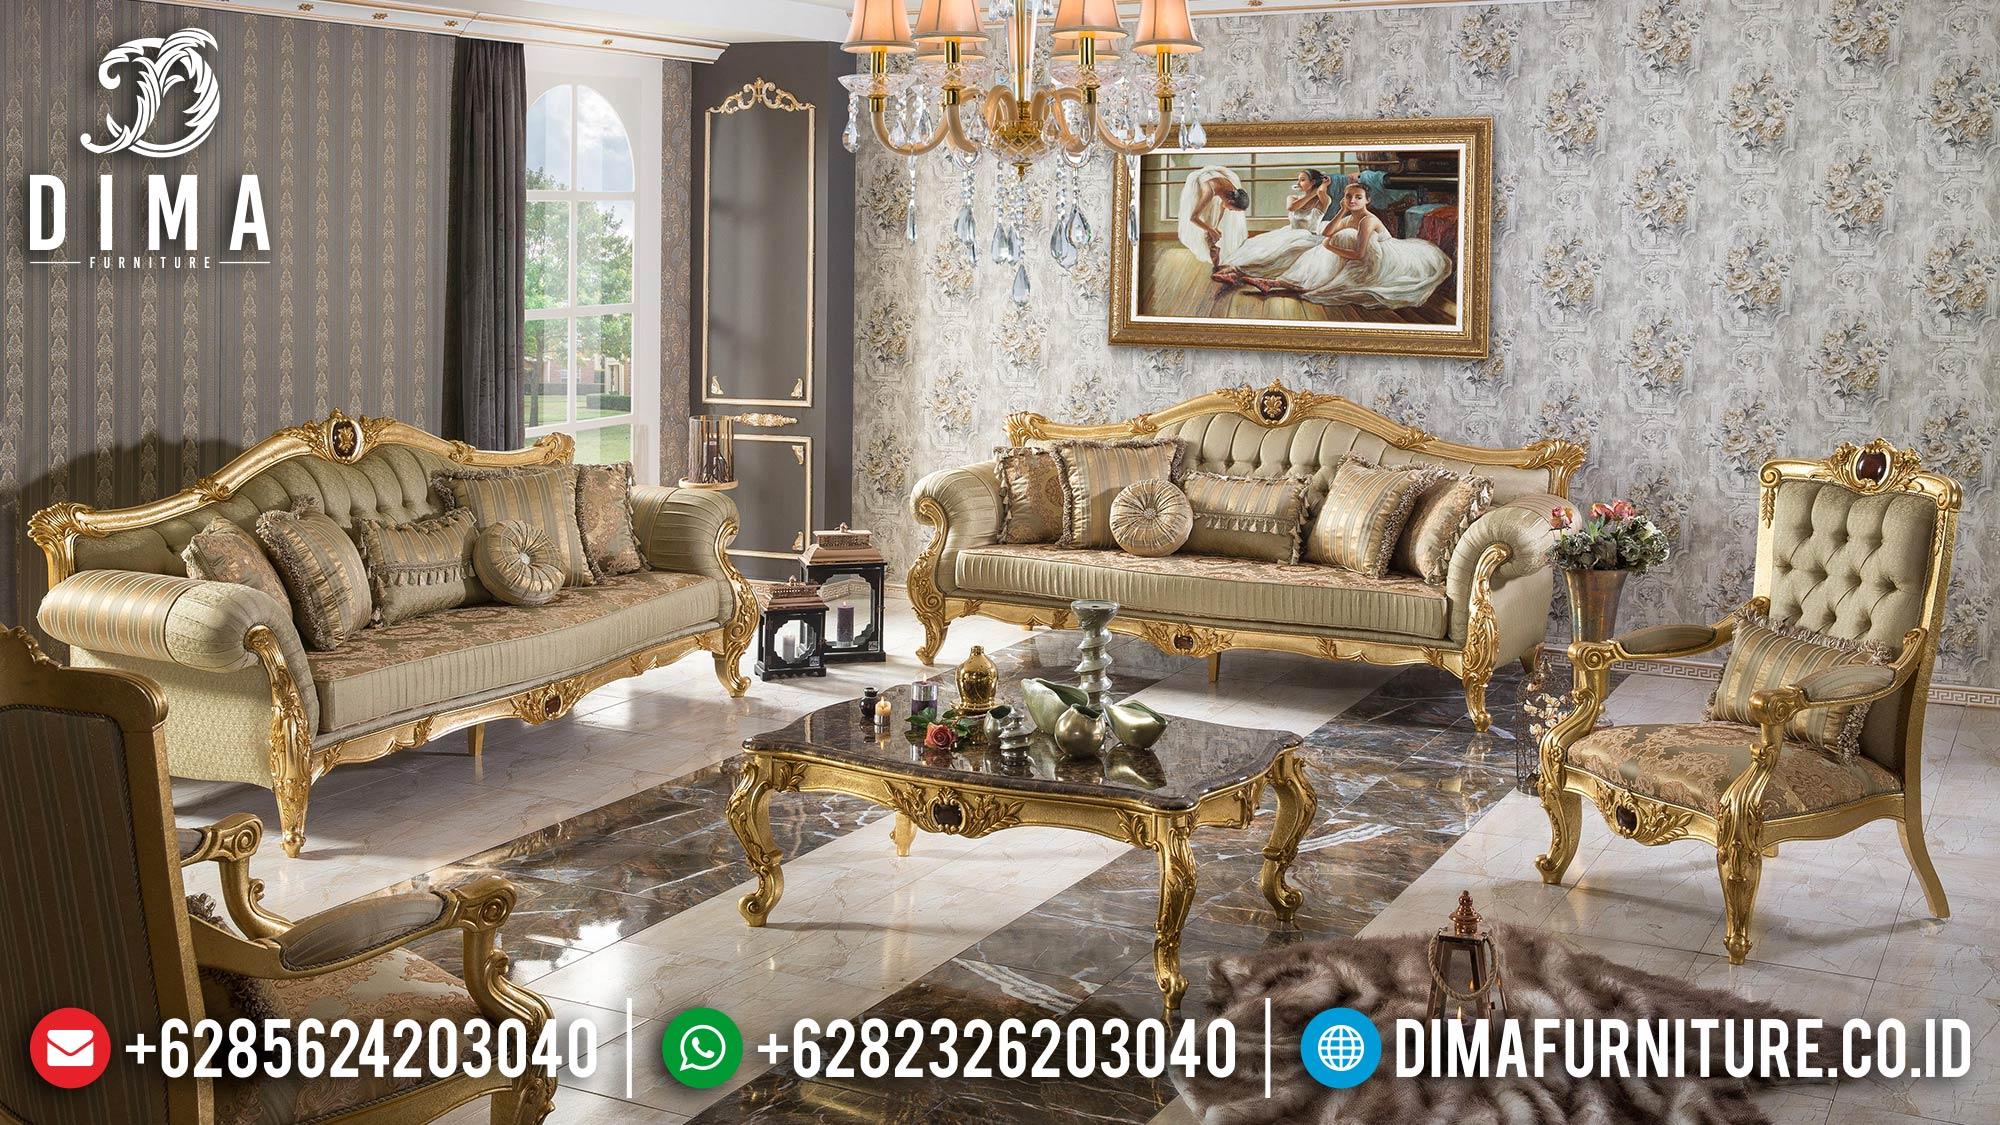 Sofa Tamu Mewah Jepara Formasi 3 2 1 + Meja + Meja Sudut Harga Murah ST-0543